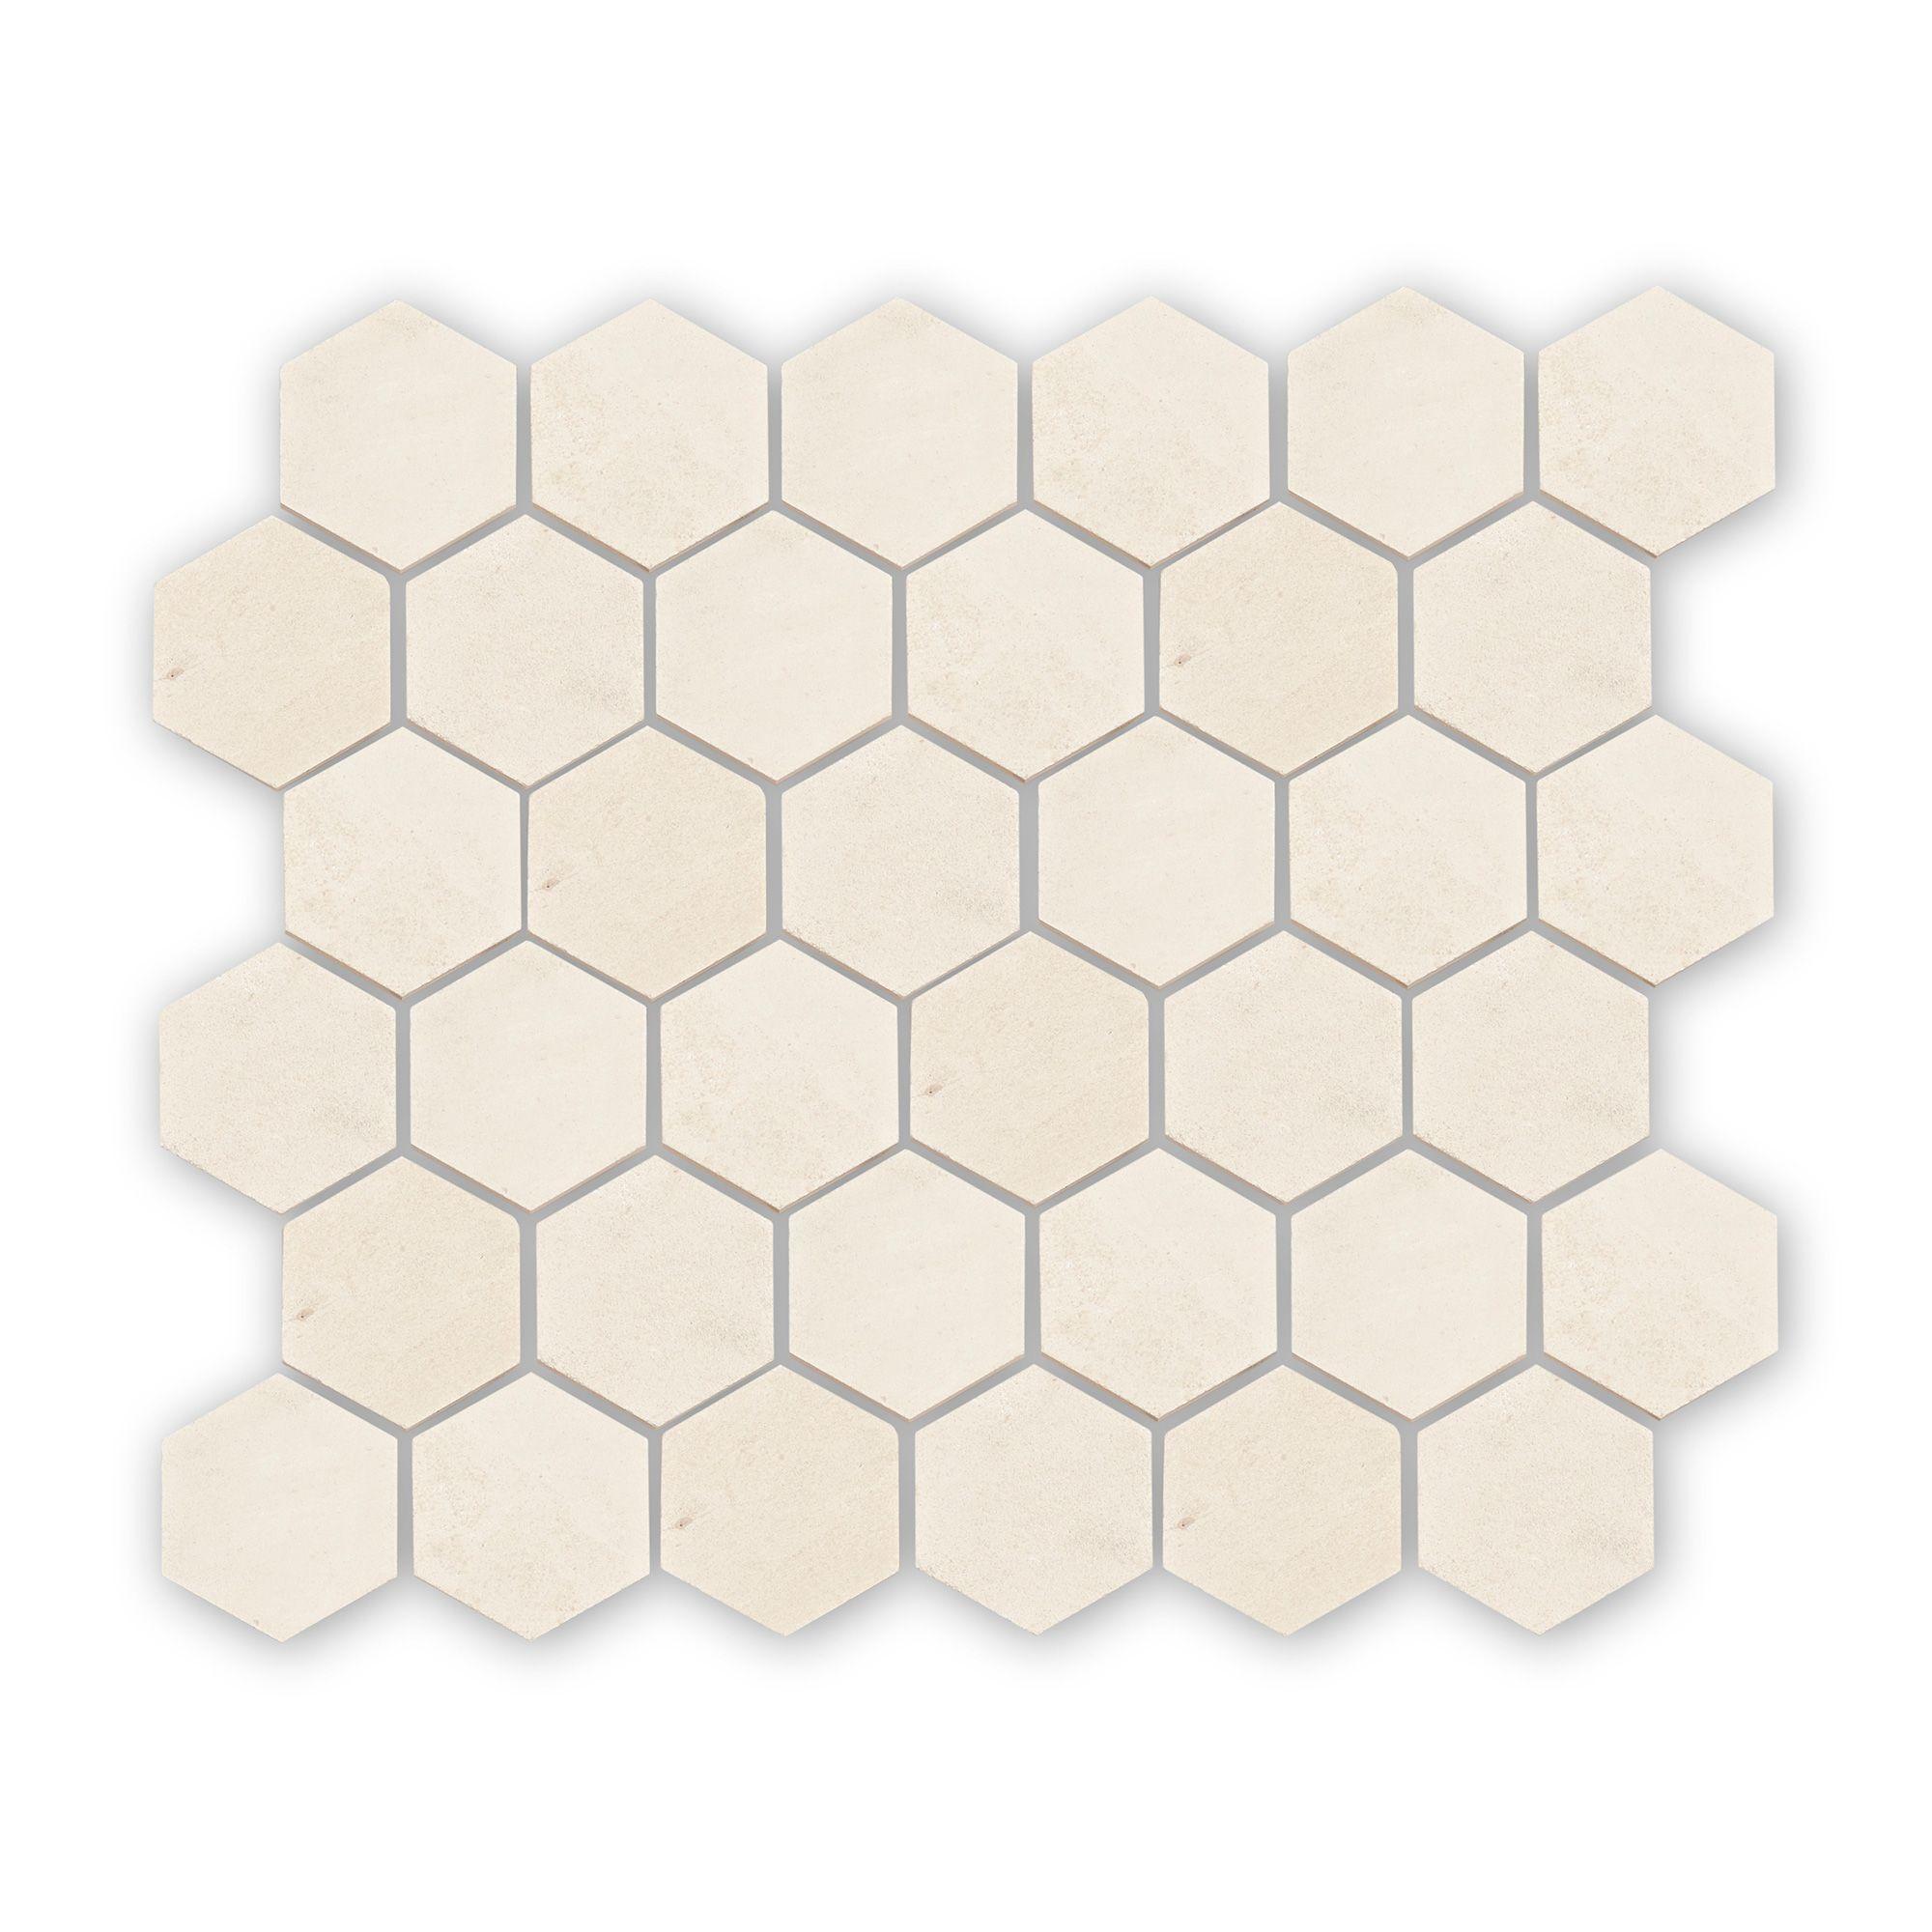 Palio Hexagon Mosaic